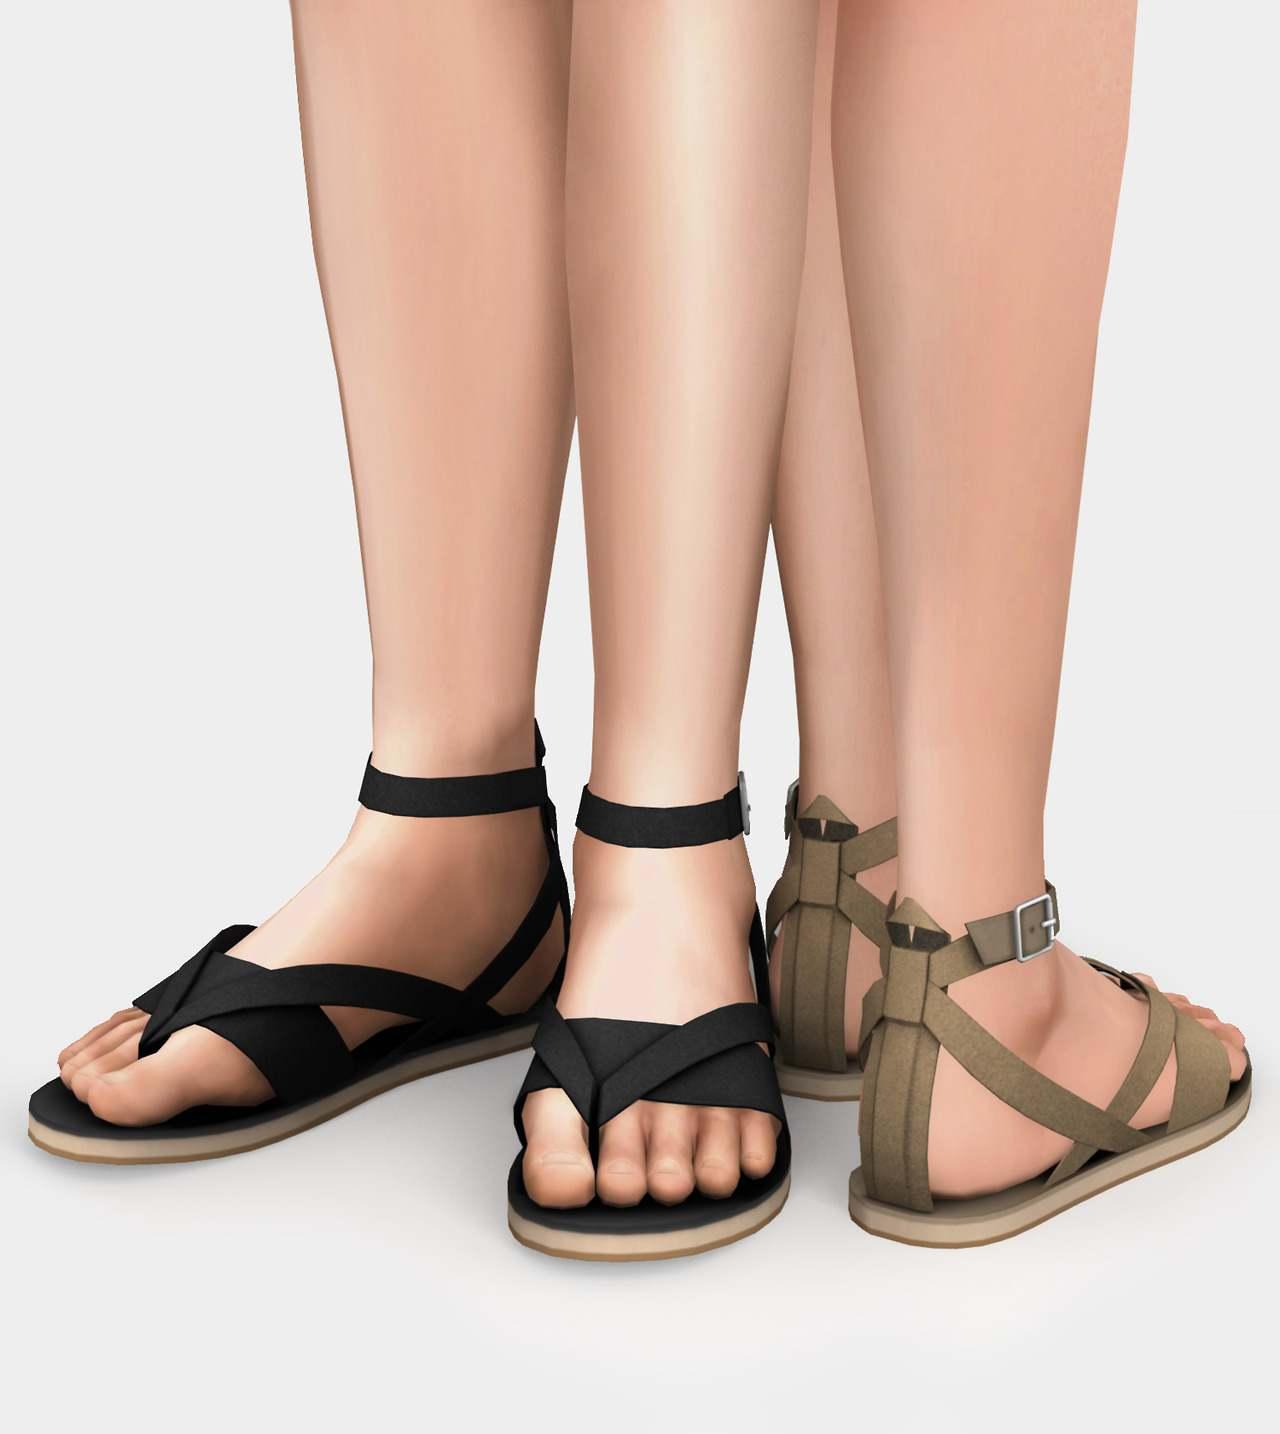 Сандалии - Dries Van Noten Sandals (2)